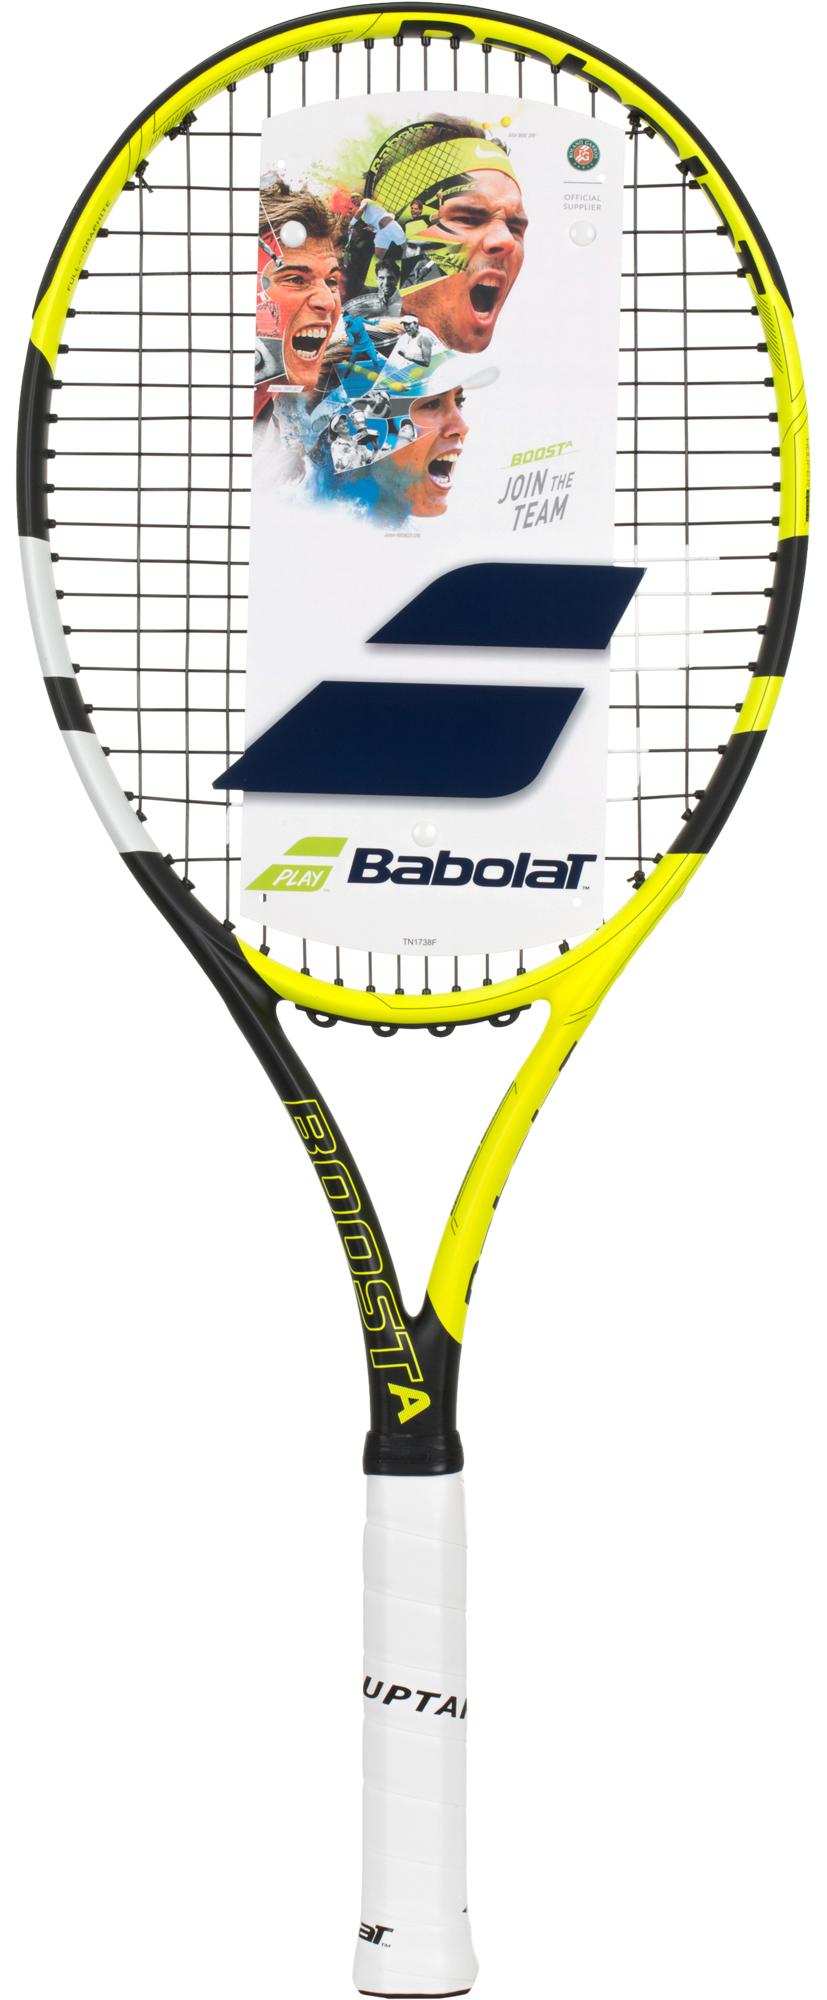 Babolat Ракетка для большого тенниса Babolat Boost Aero сетки для тенниса большого